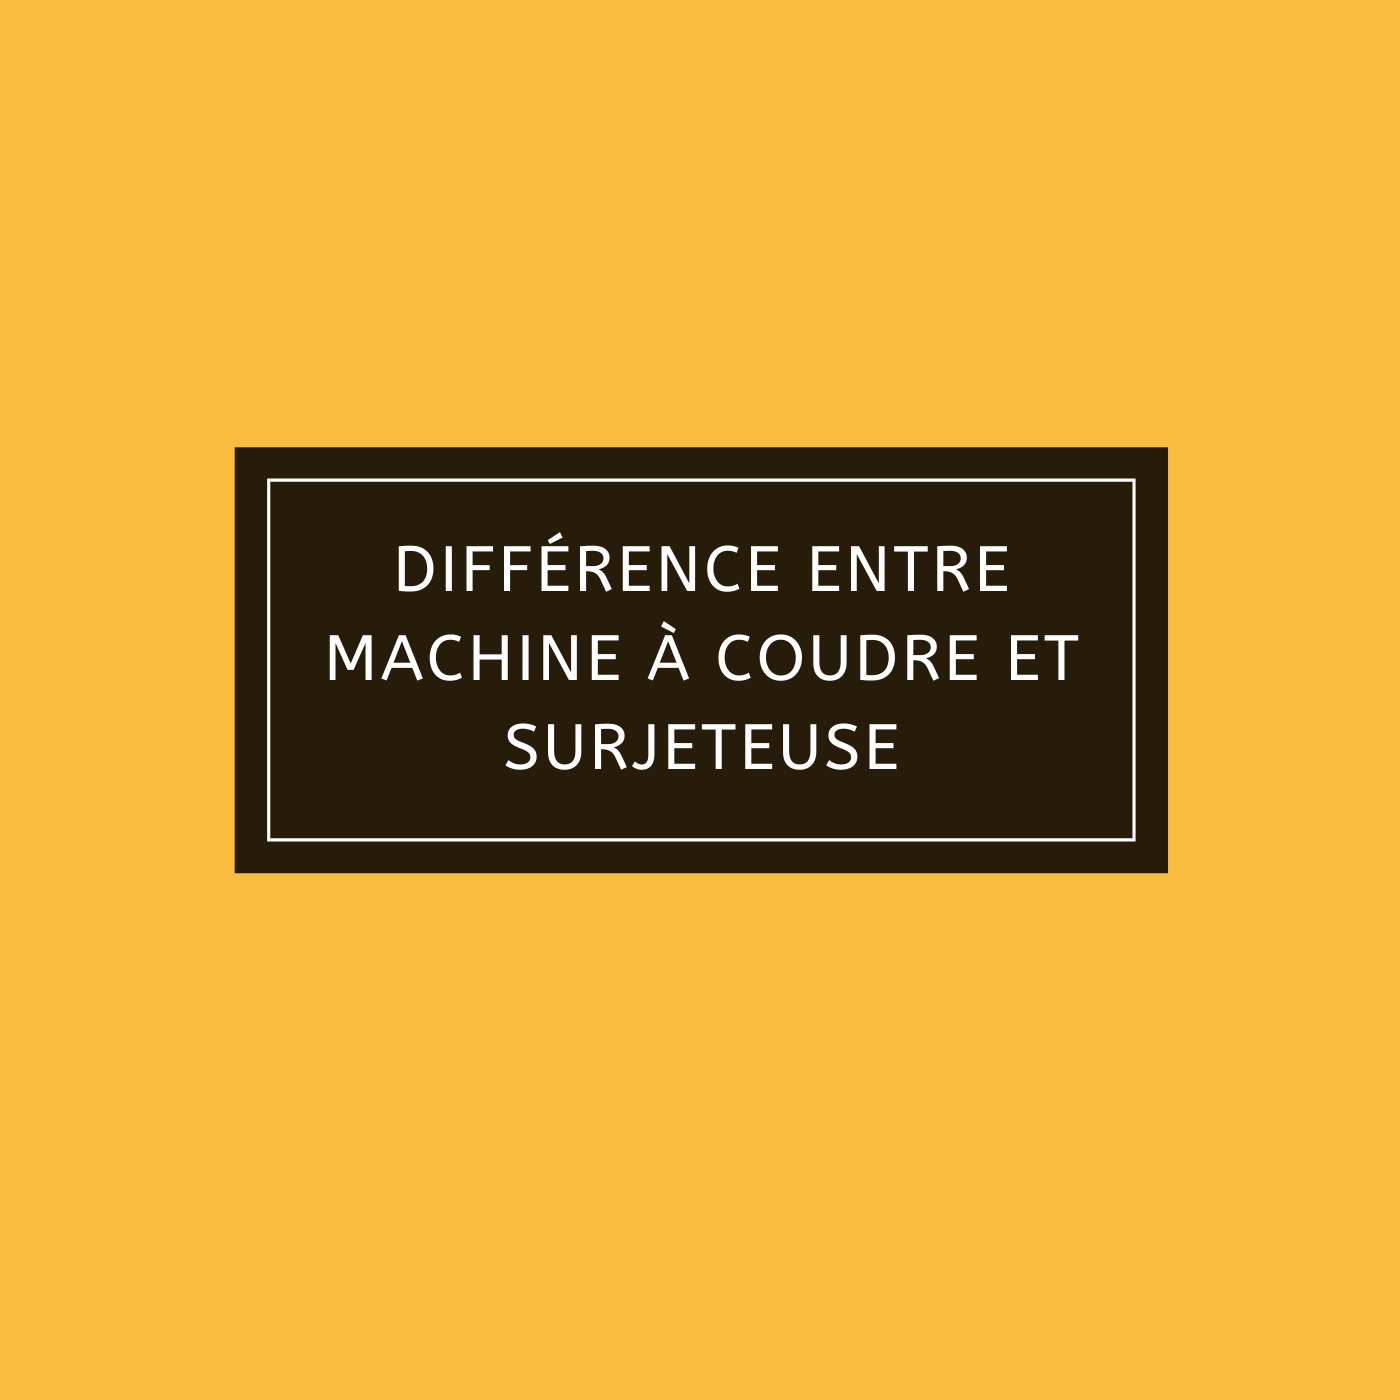 Différence entre machine à coudre et surjeteuse